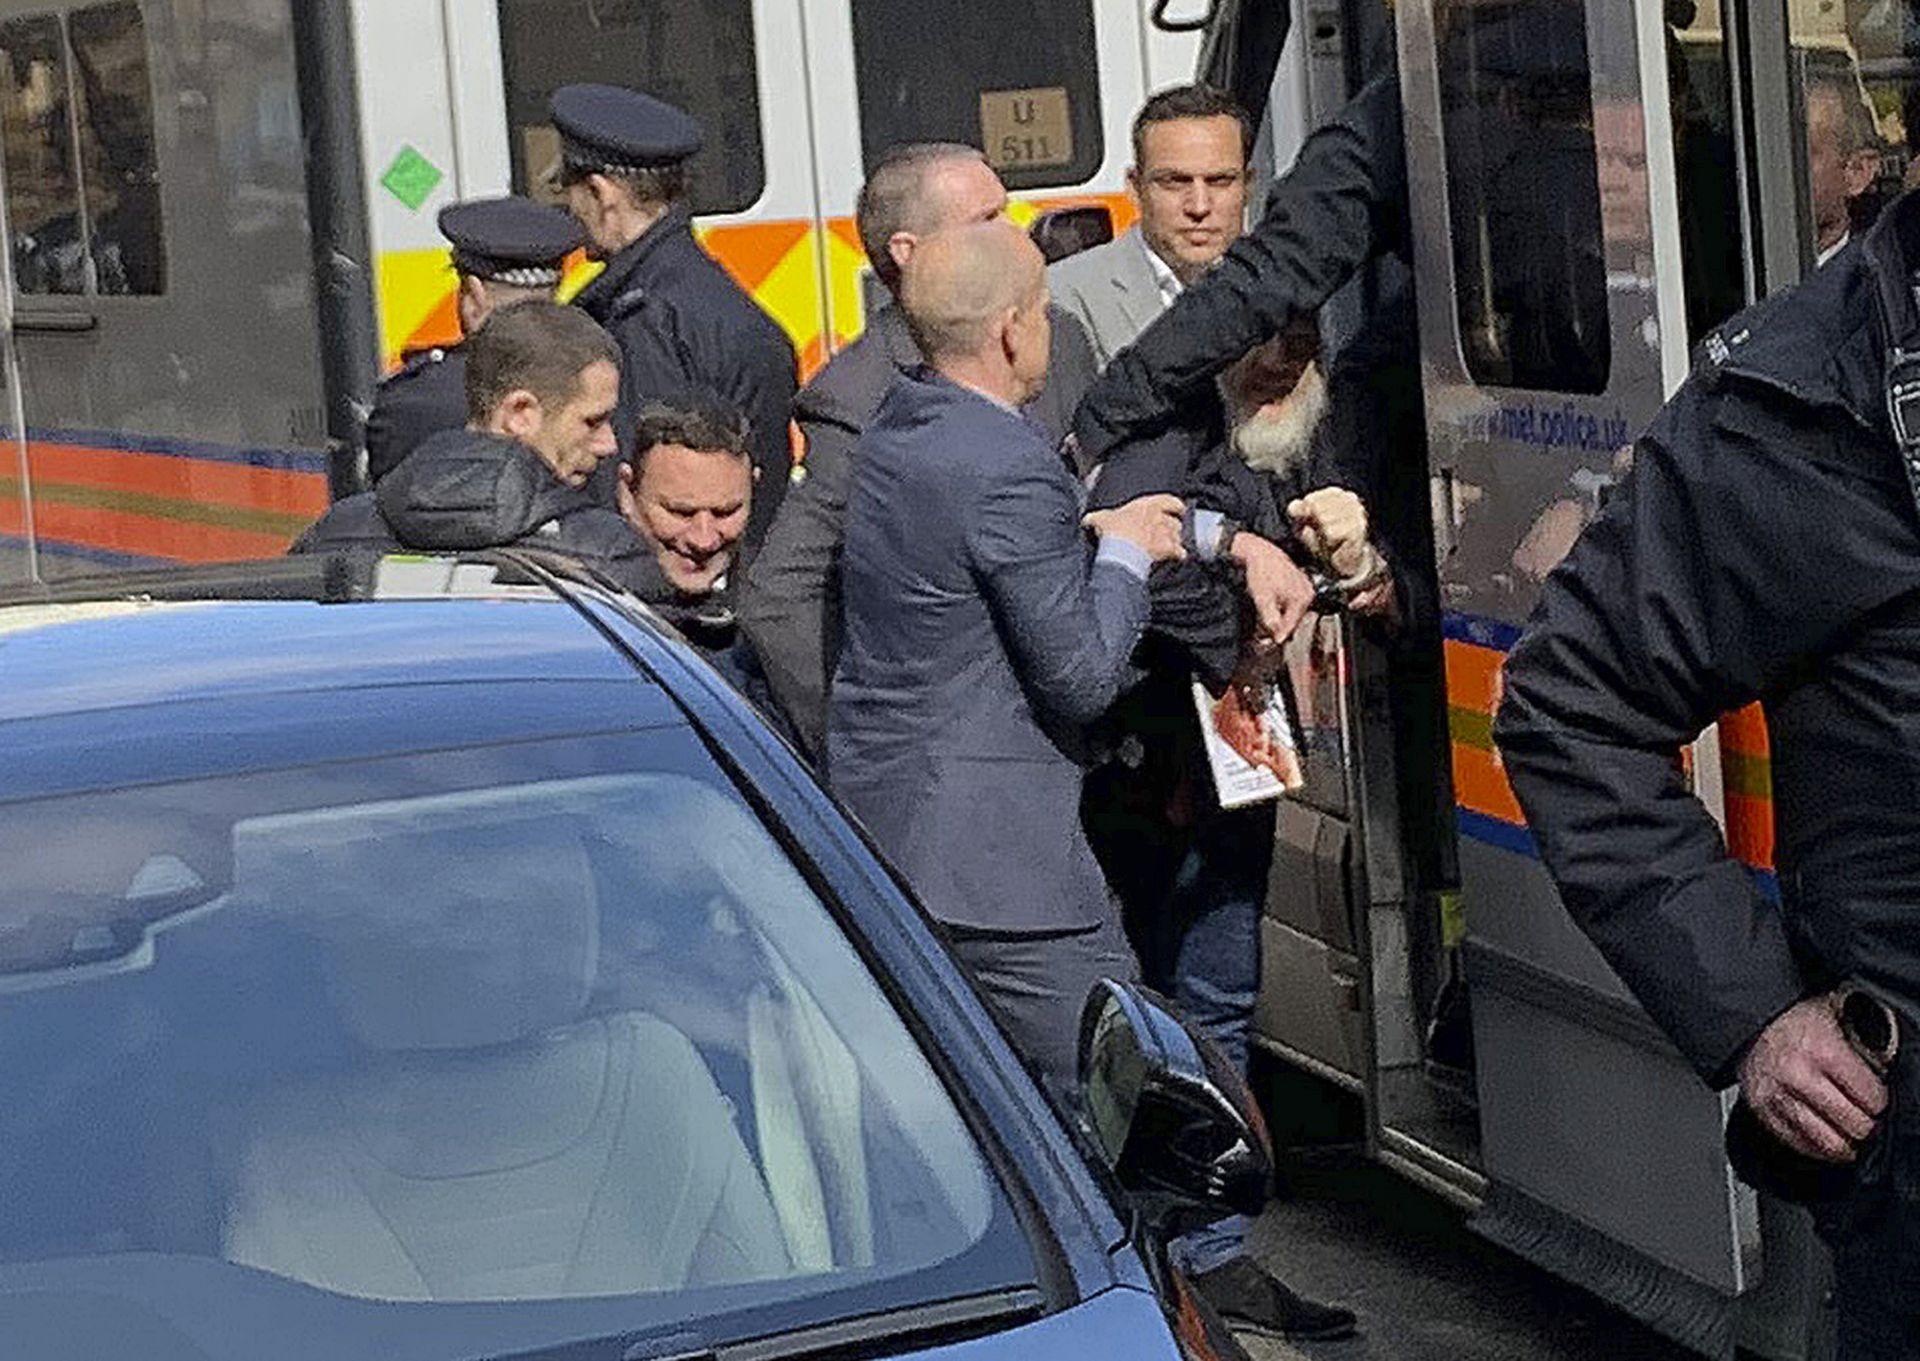 Кадър от ареста на Асандж - когато го извеждат от британското посолство и го вкарват в полицейски ван